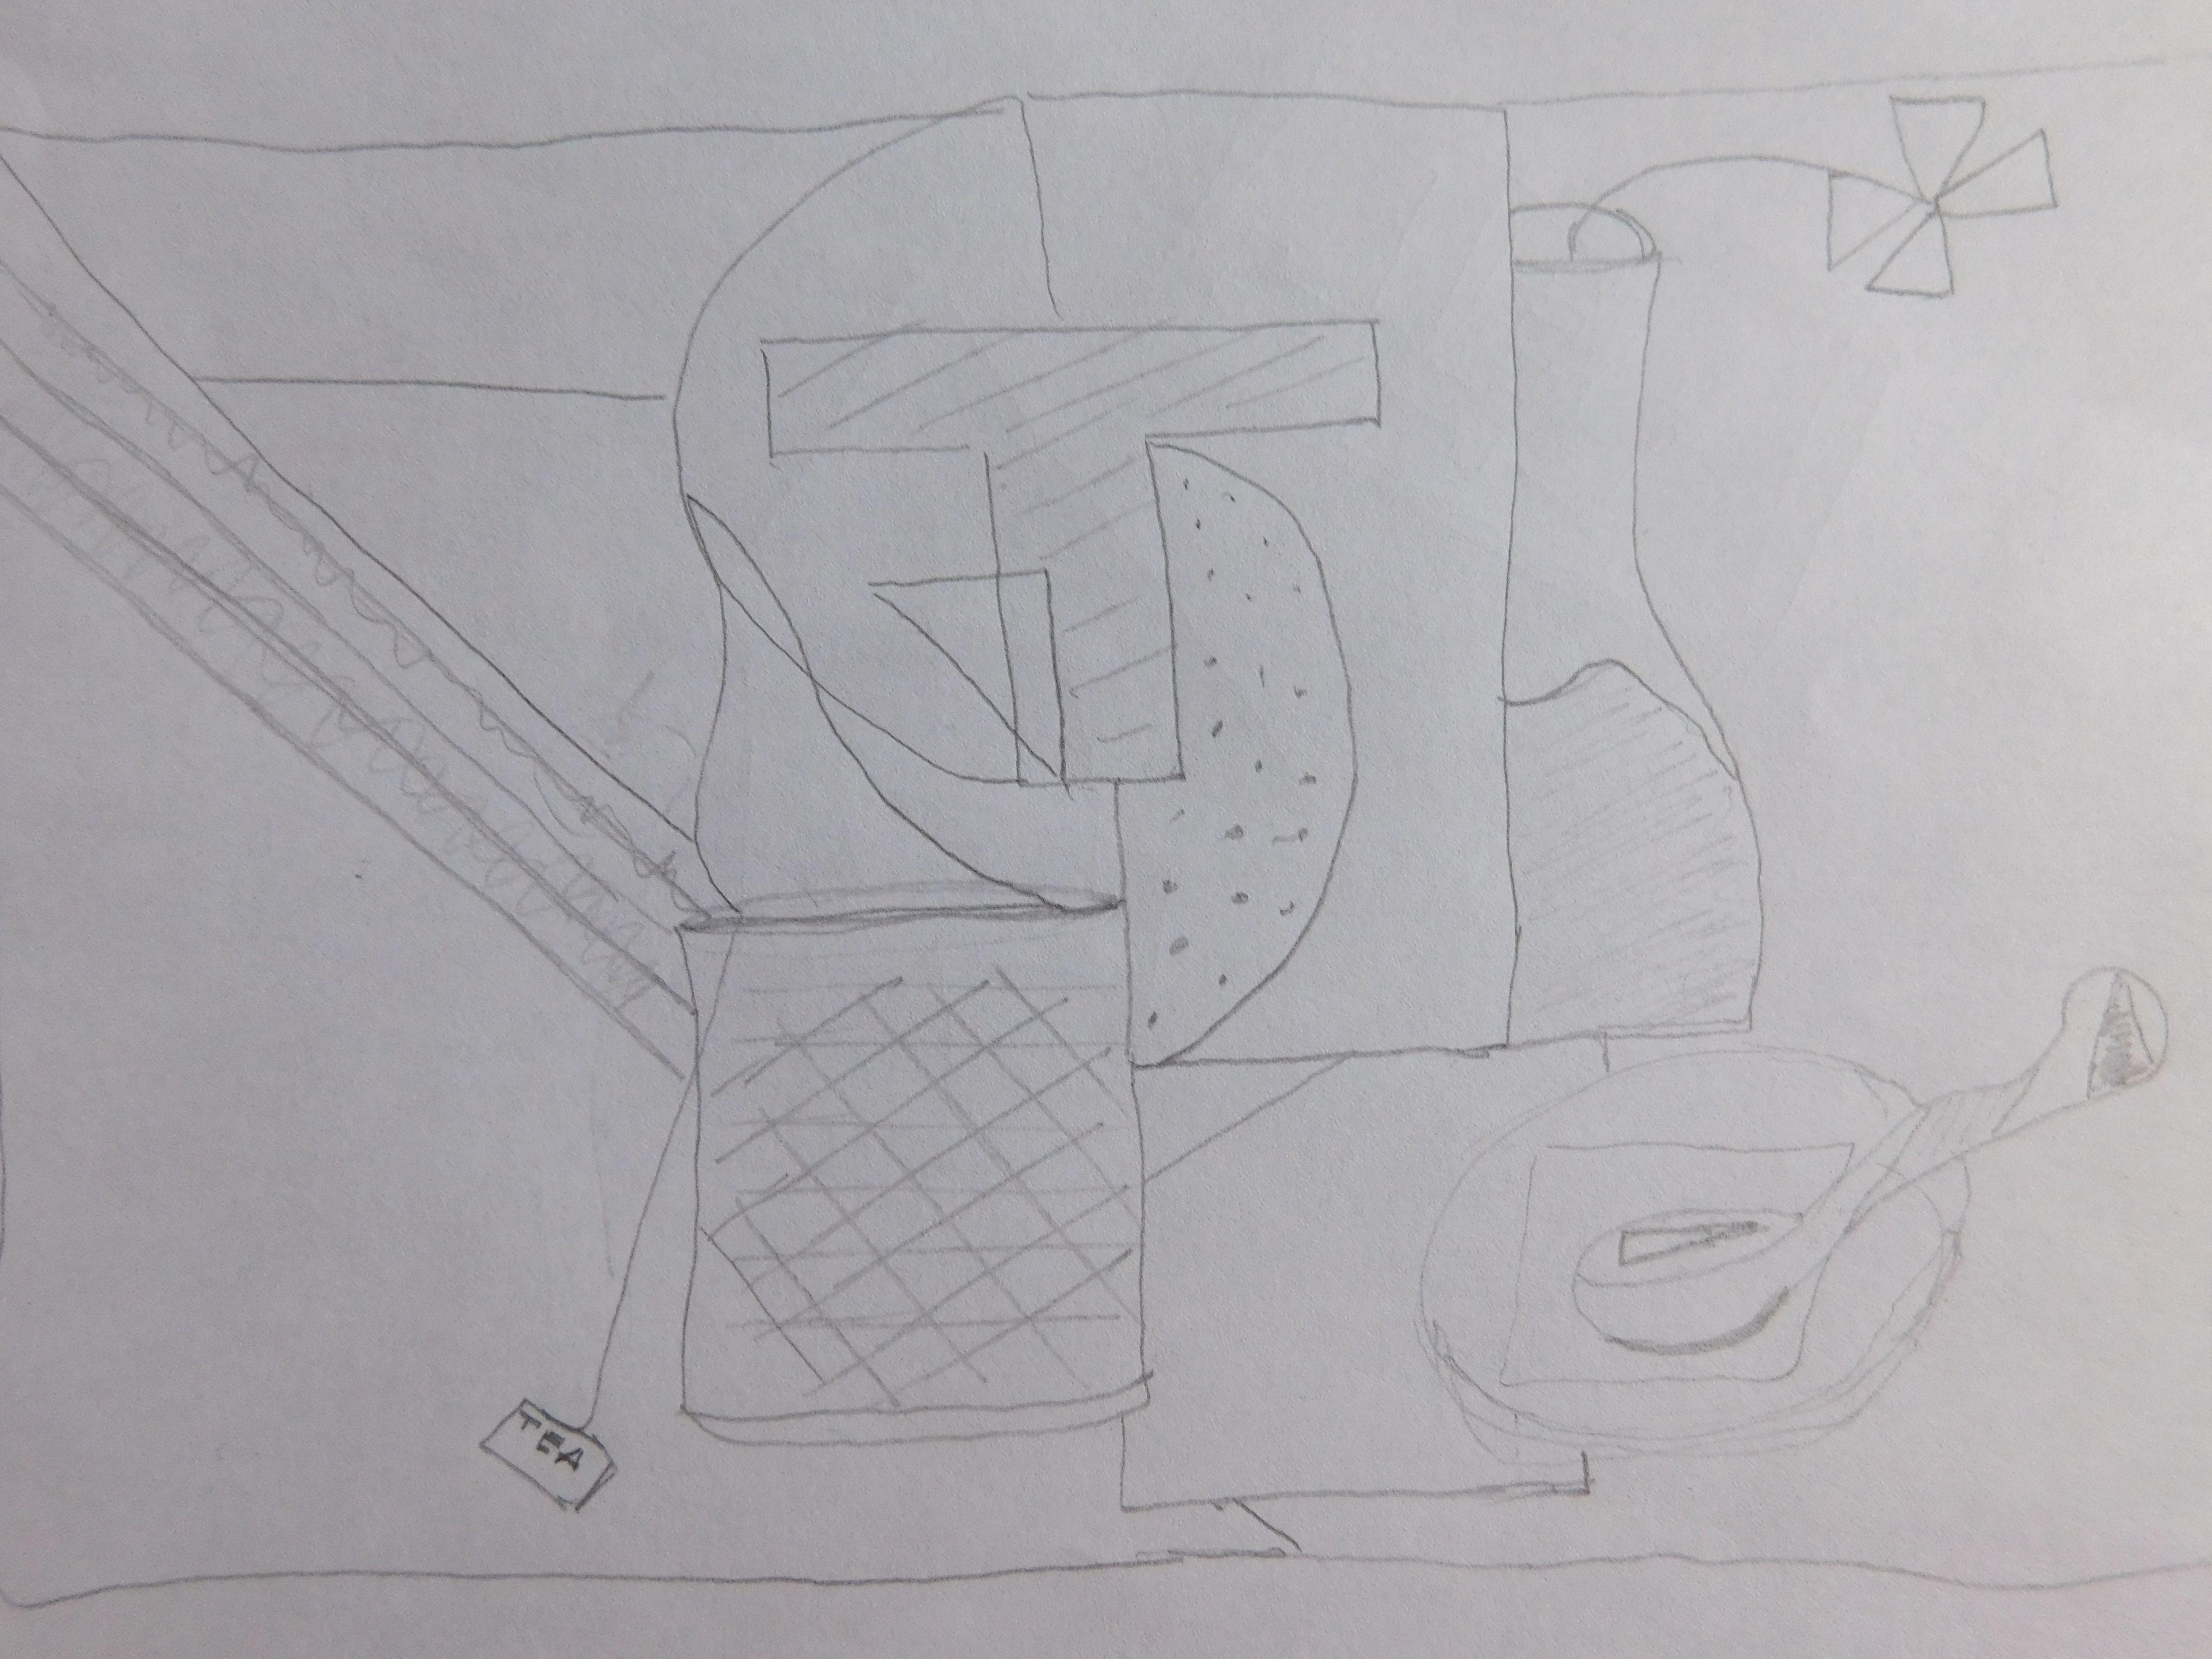 Este segundo boceto 2.  Fue realizado para intentar entrar en materia y  coger el norte de la tarea, pero andaba un poco perdida, como muestra la imagen.